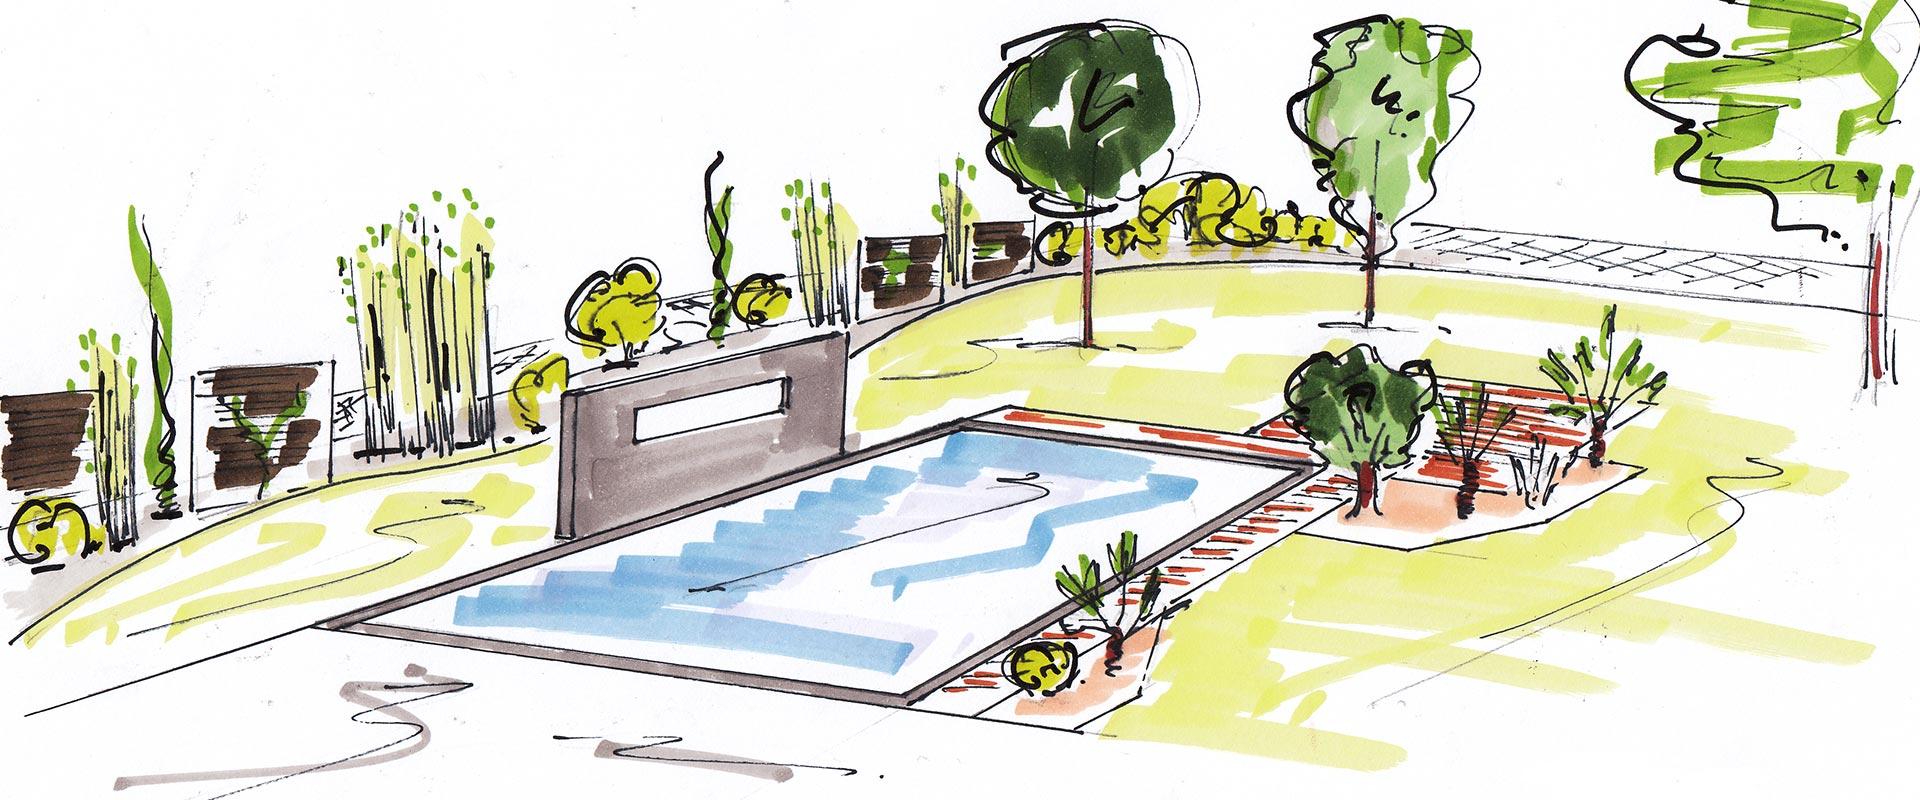 bureau d 39 tude plans de jardin croquis 3d d siles paysage. Black Bedroom Furniture Sets. Home Design Ideas